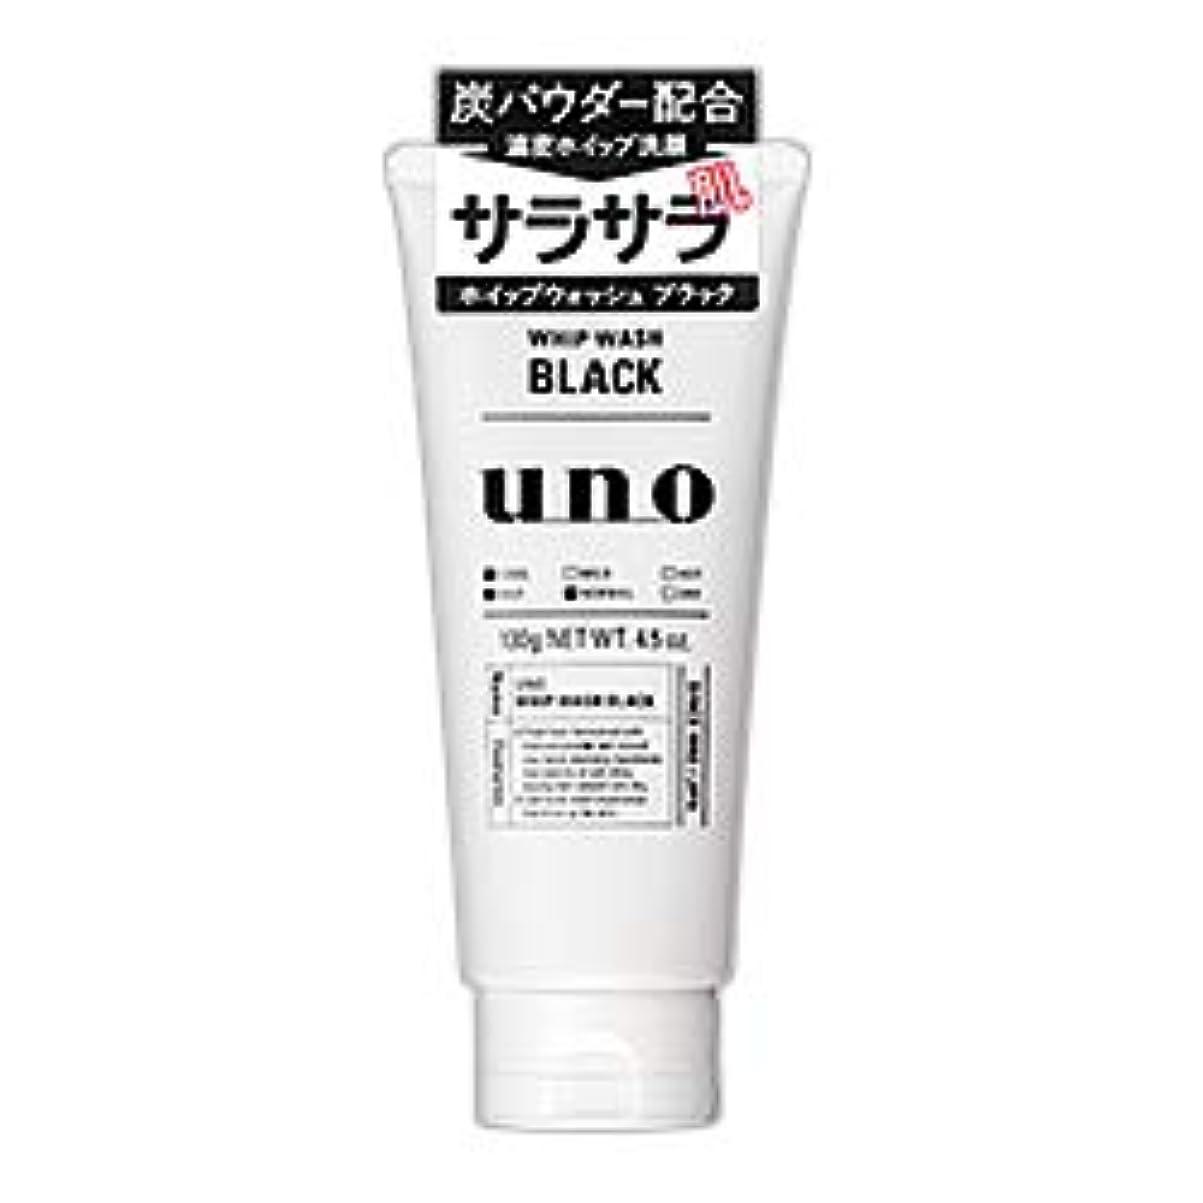 率直なオーガニック確実【資生堂】ウーノ(uno) ホイップウォッシュ (ブラック) 130g ×2個